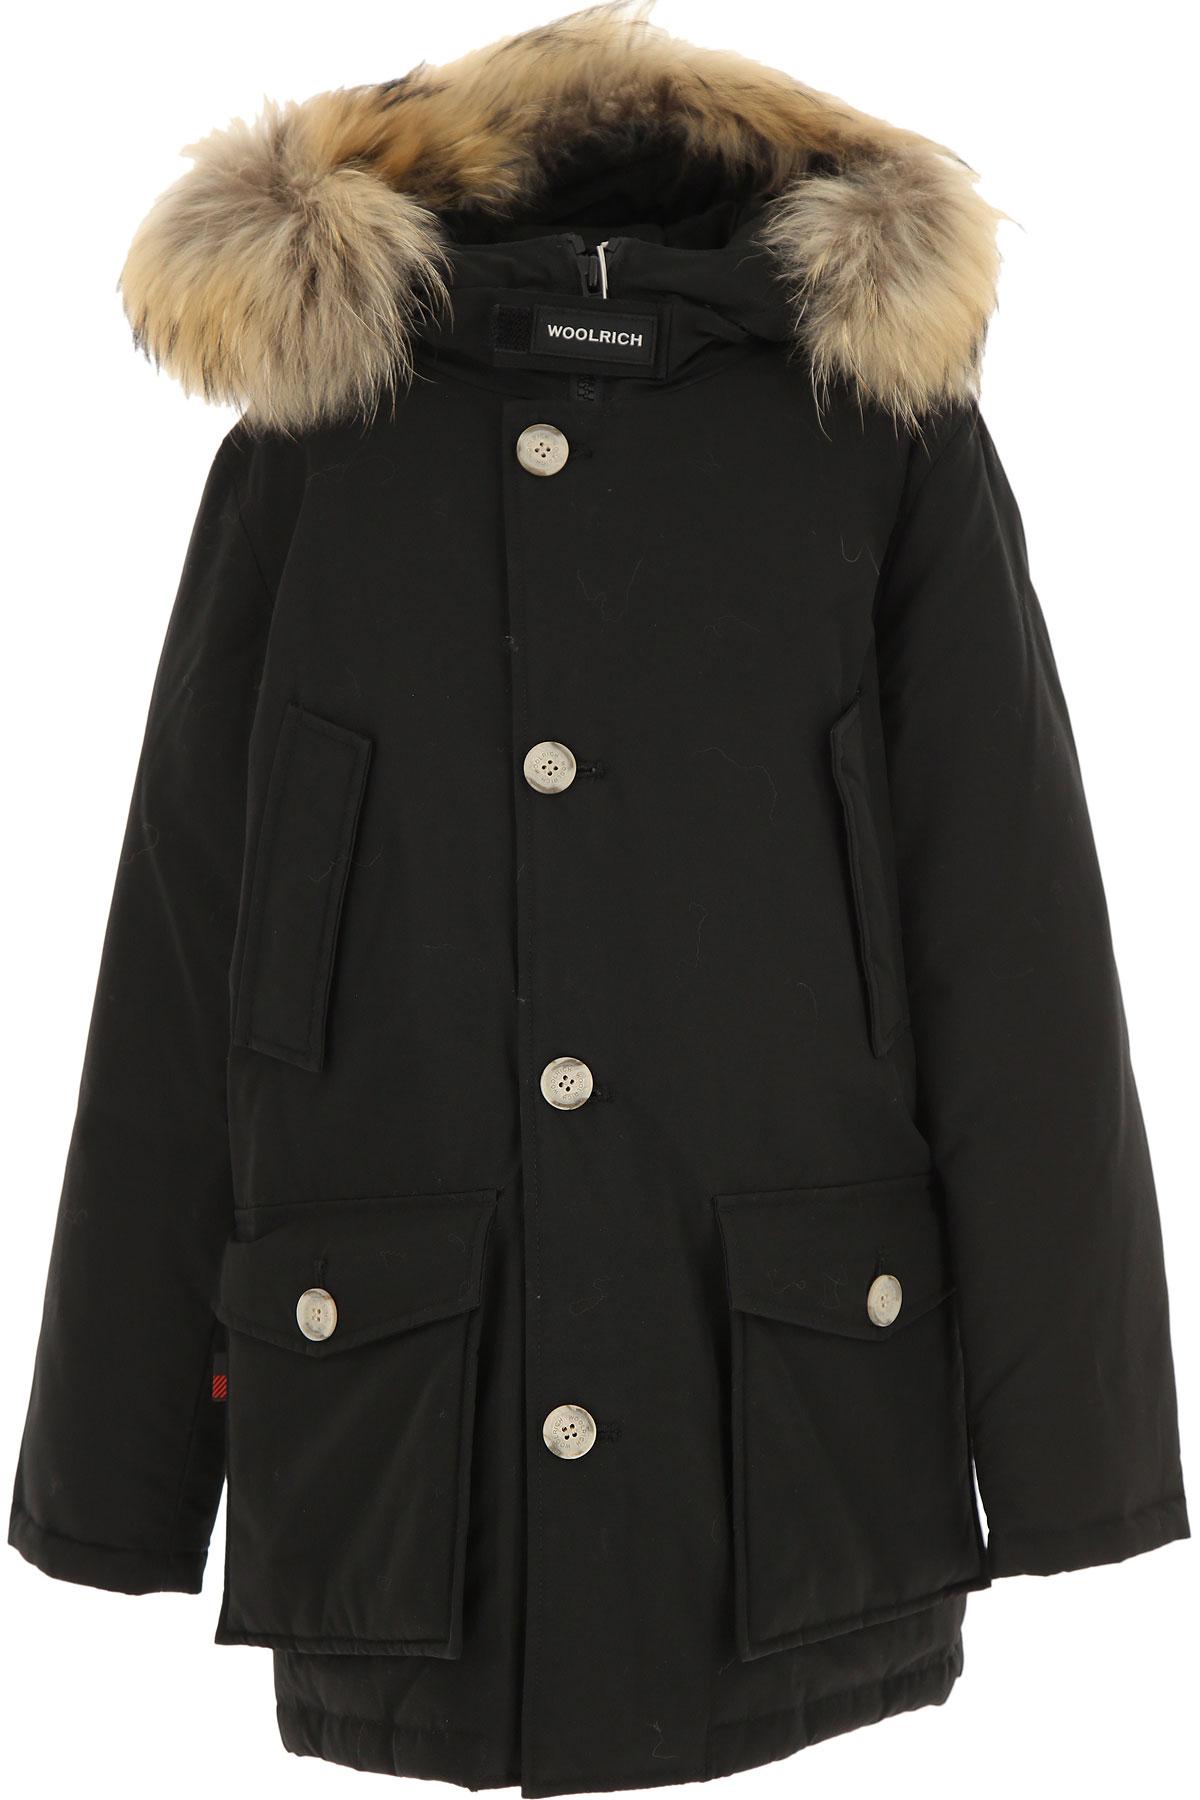 Woolrich Boys Down Jacket for Kids, Puffer Ski Jacket On Sale, Black, Cotton, 2019, 10Y 12Y 14Y 16Y 8Y